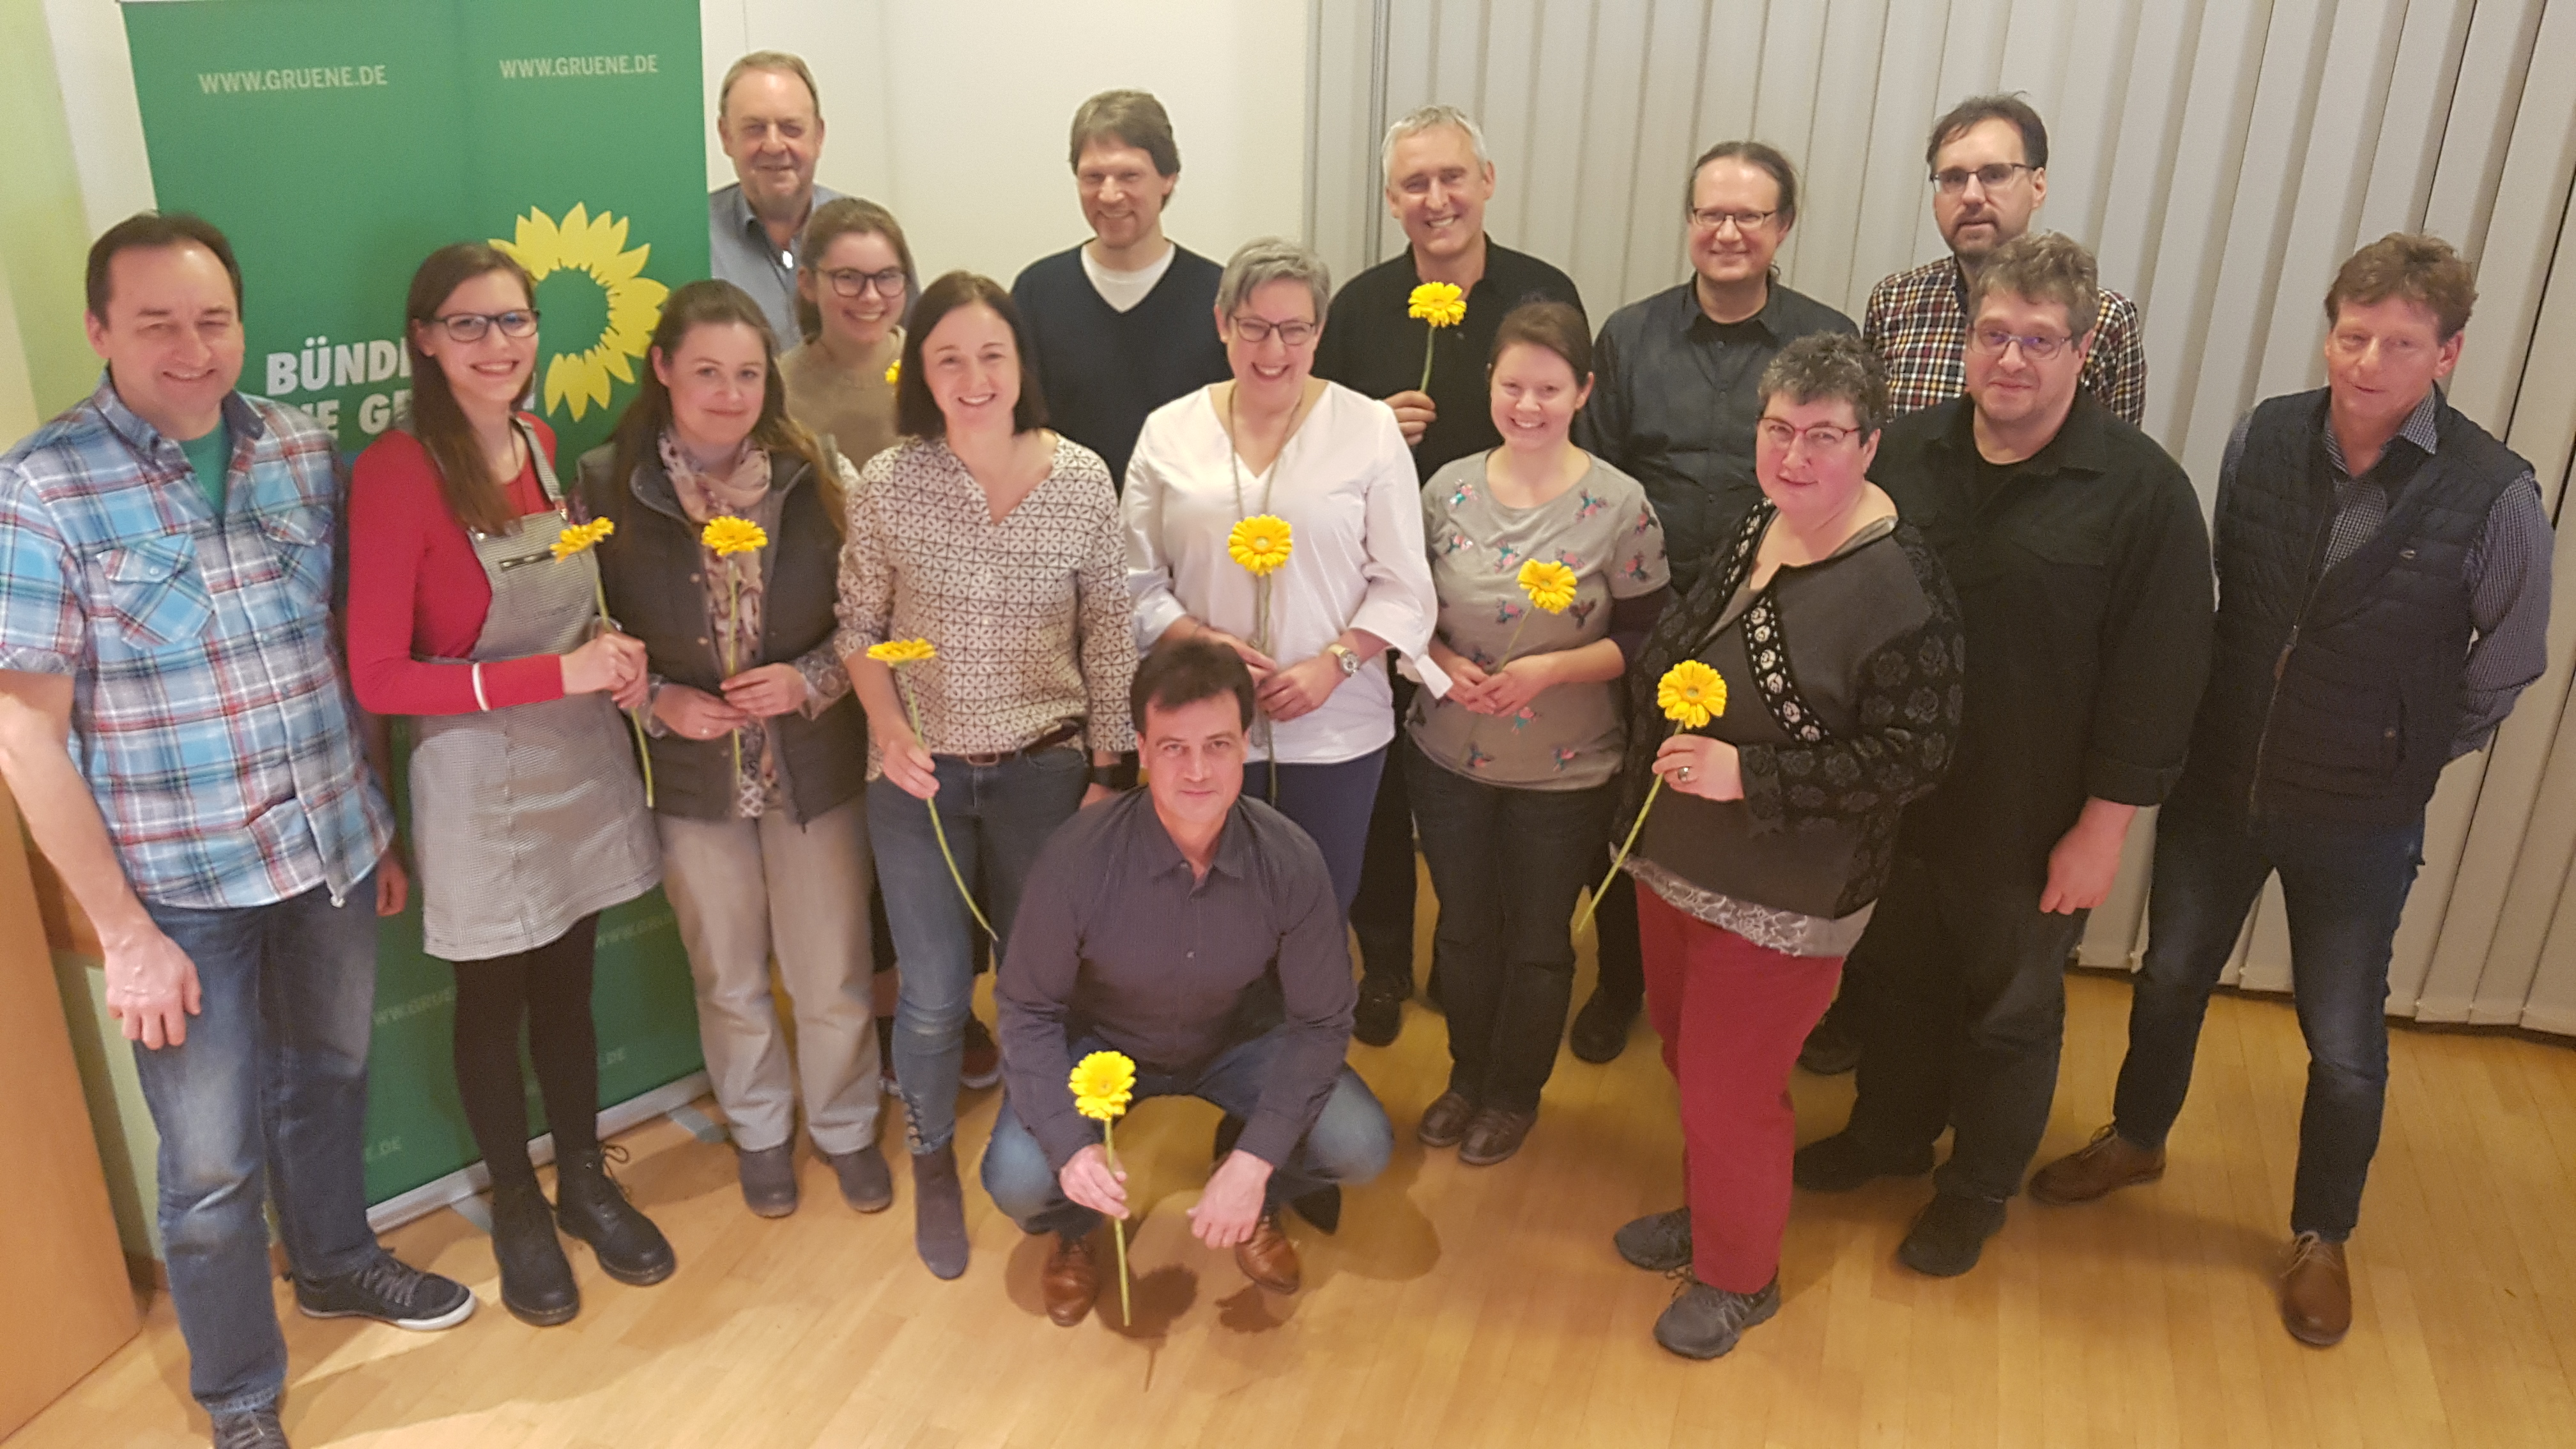 Nominierungsversammlung von Bündnis 90/Die Grünen in Ehningen für die Kommunalwahl 2019